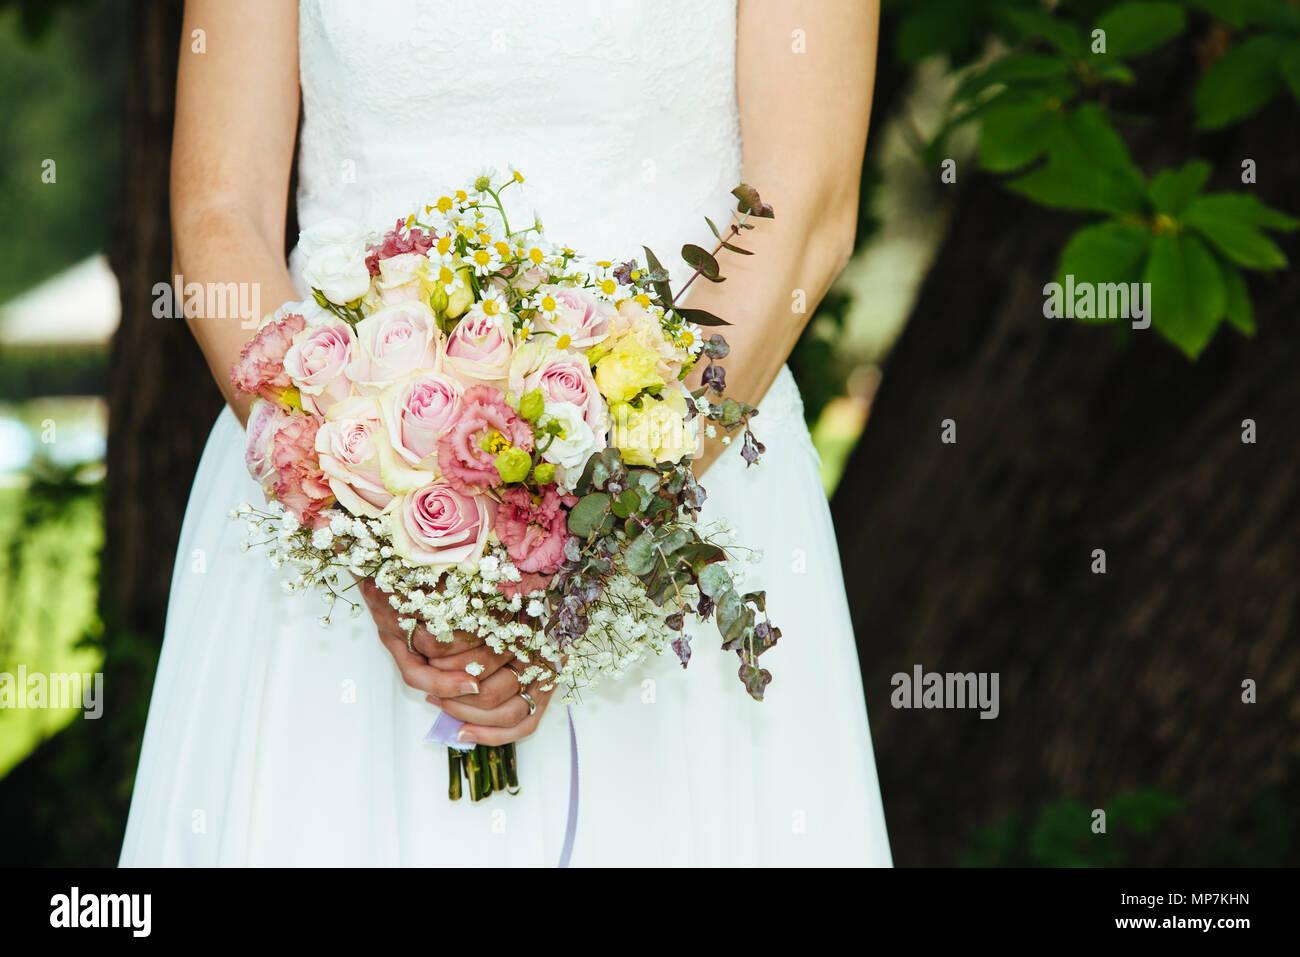 Bouquet Sposa Margherite E Rose.Sposa Mantiene Il Suo Bouquet Di Fiori Con Rose Di Edera